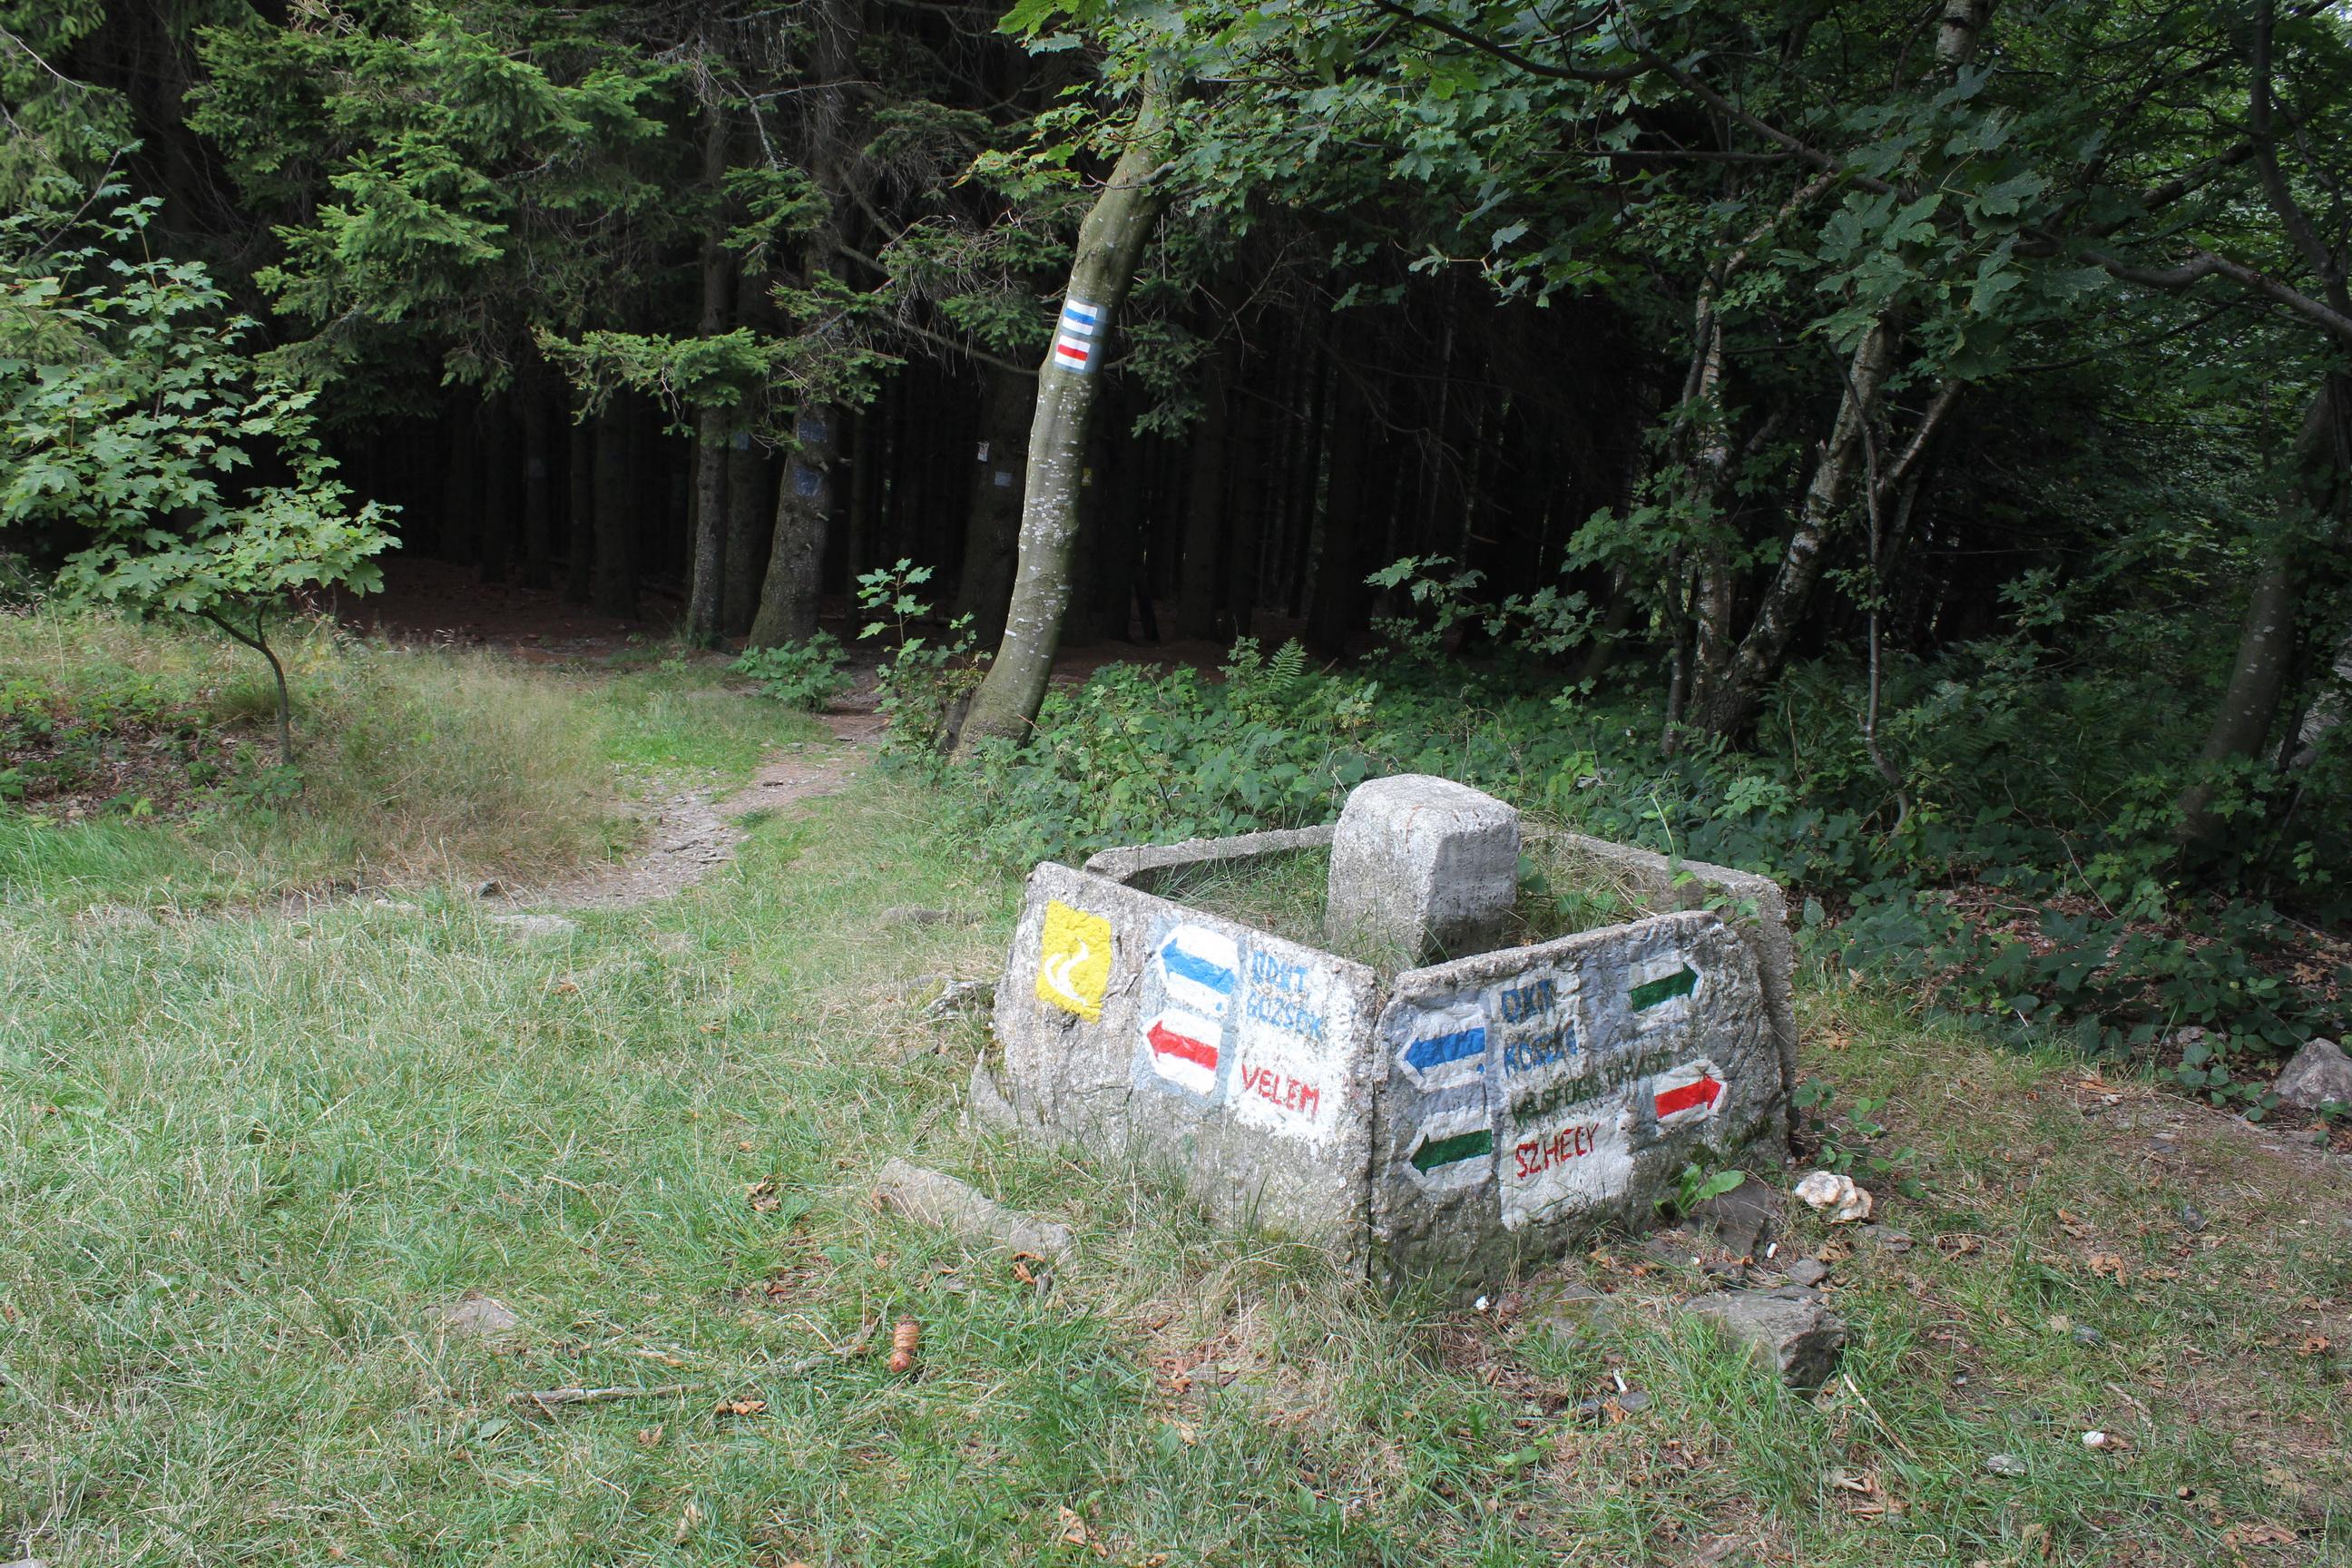 Eligazítás az Írott-kő alatt 30 méterrel. (Fotó: Papp Géza, ddkektura.blog.hu)